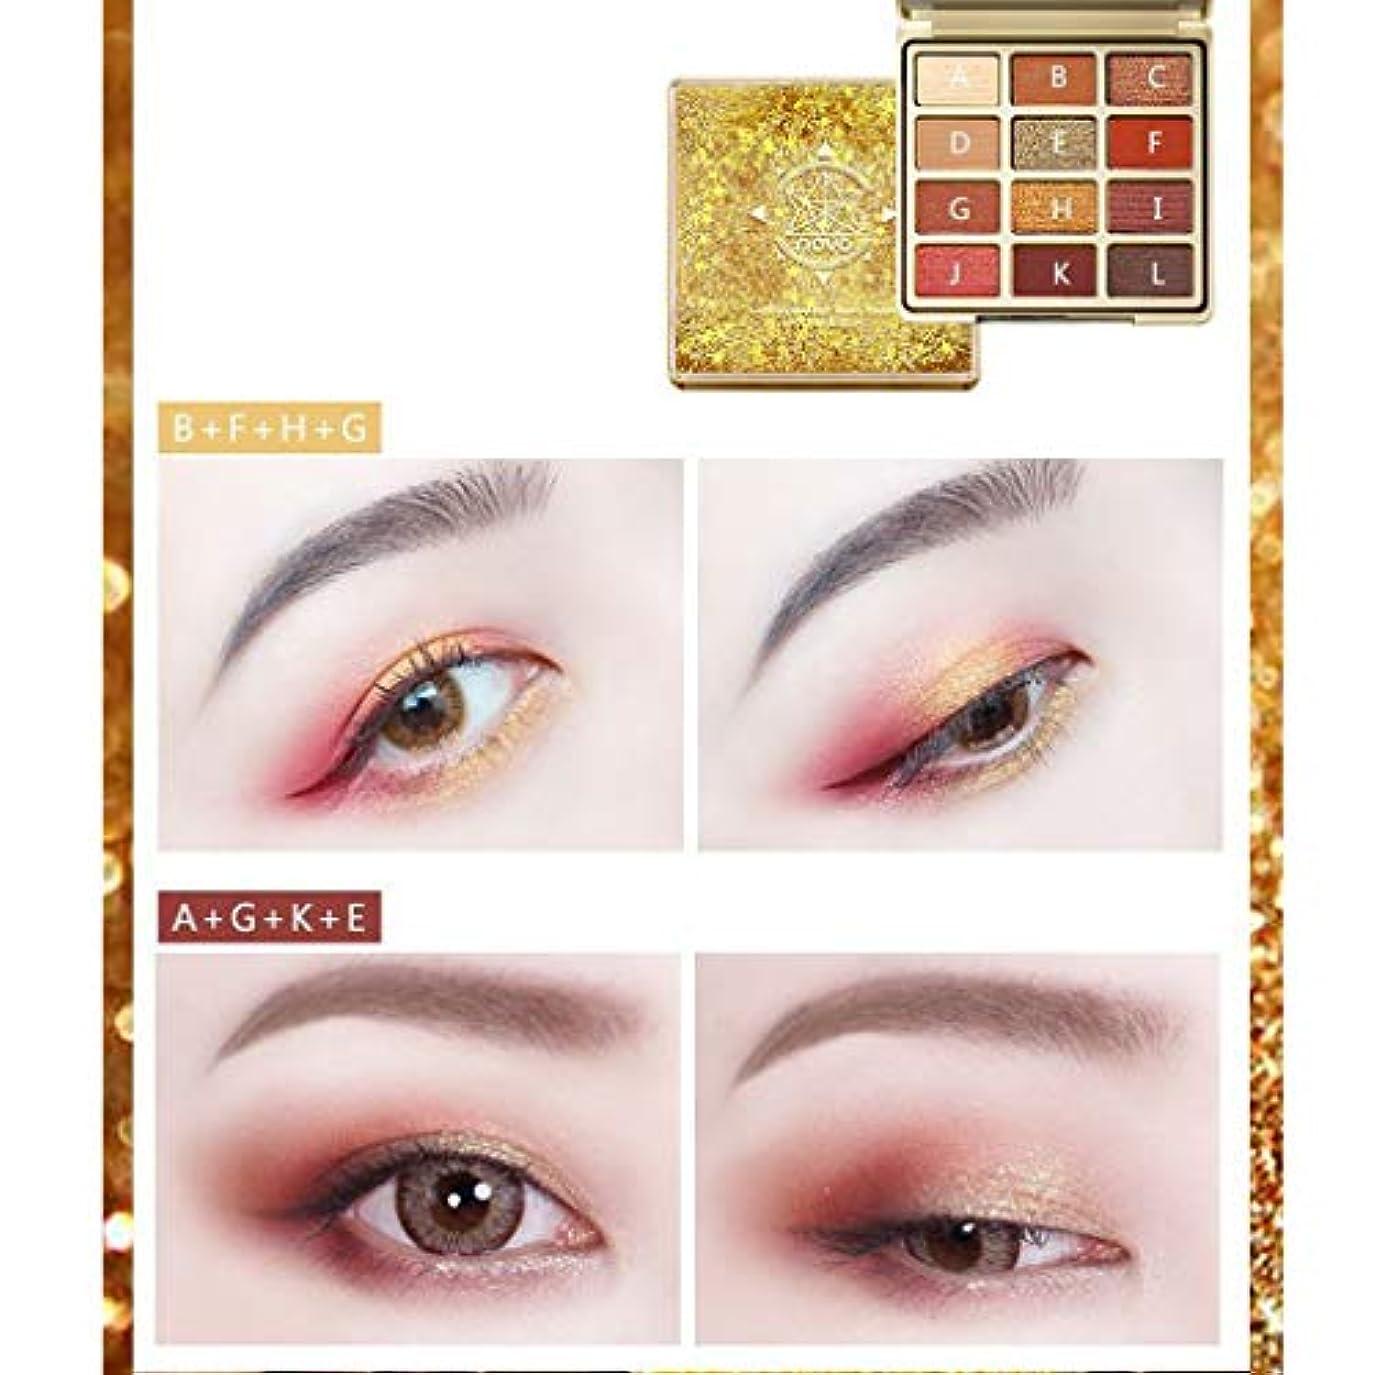 系譜ティーンエイジャーシャープAkane アイシャドウパレット Novo ファッション INS 人気 超綺麗 美しい キラキラ 優雅な 防水 魅力的 高級 可愛い 持ち便利 日常 Eye Shadow (12色) 103